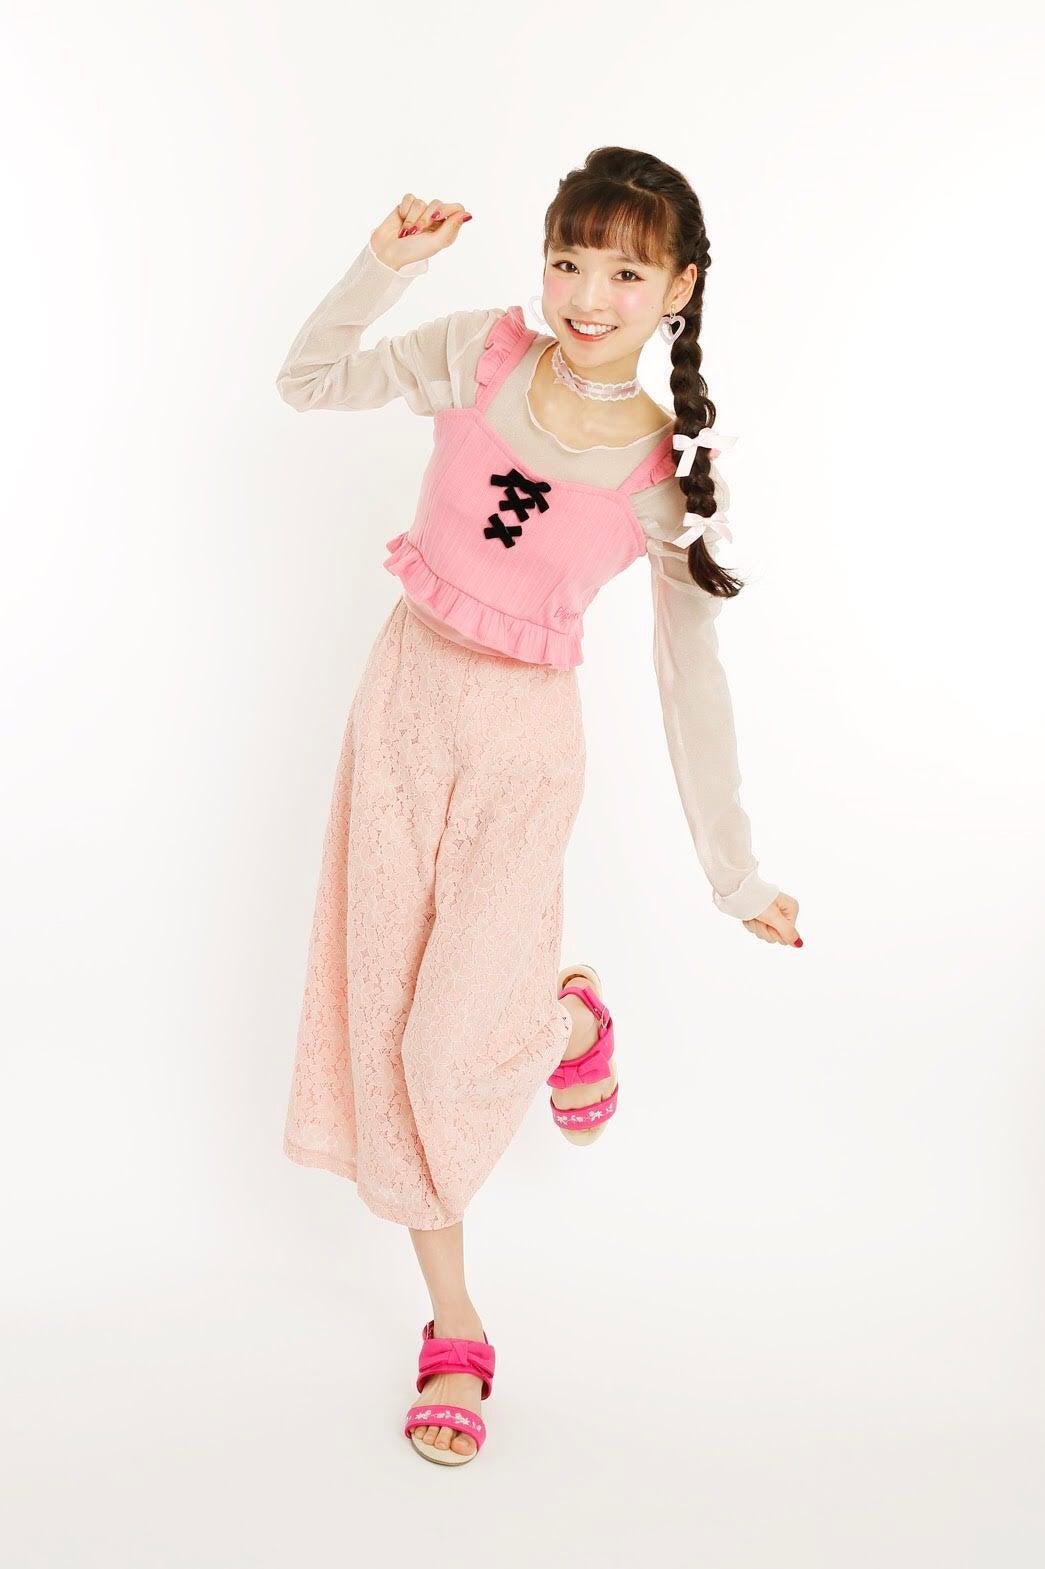 ティーン系ファッション誌で抜いてる人集まれPart [転載禁止]©bbspink.comYouTube動画>38本 ->画像>1105枚